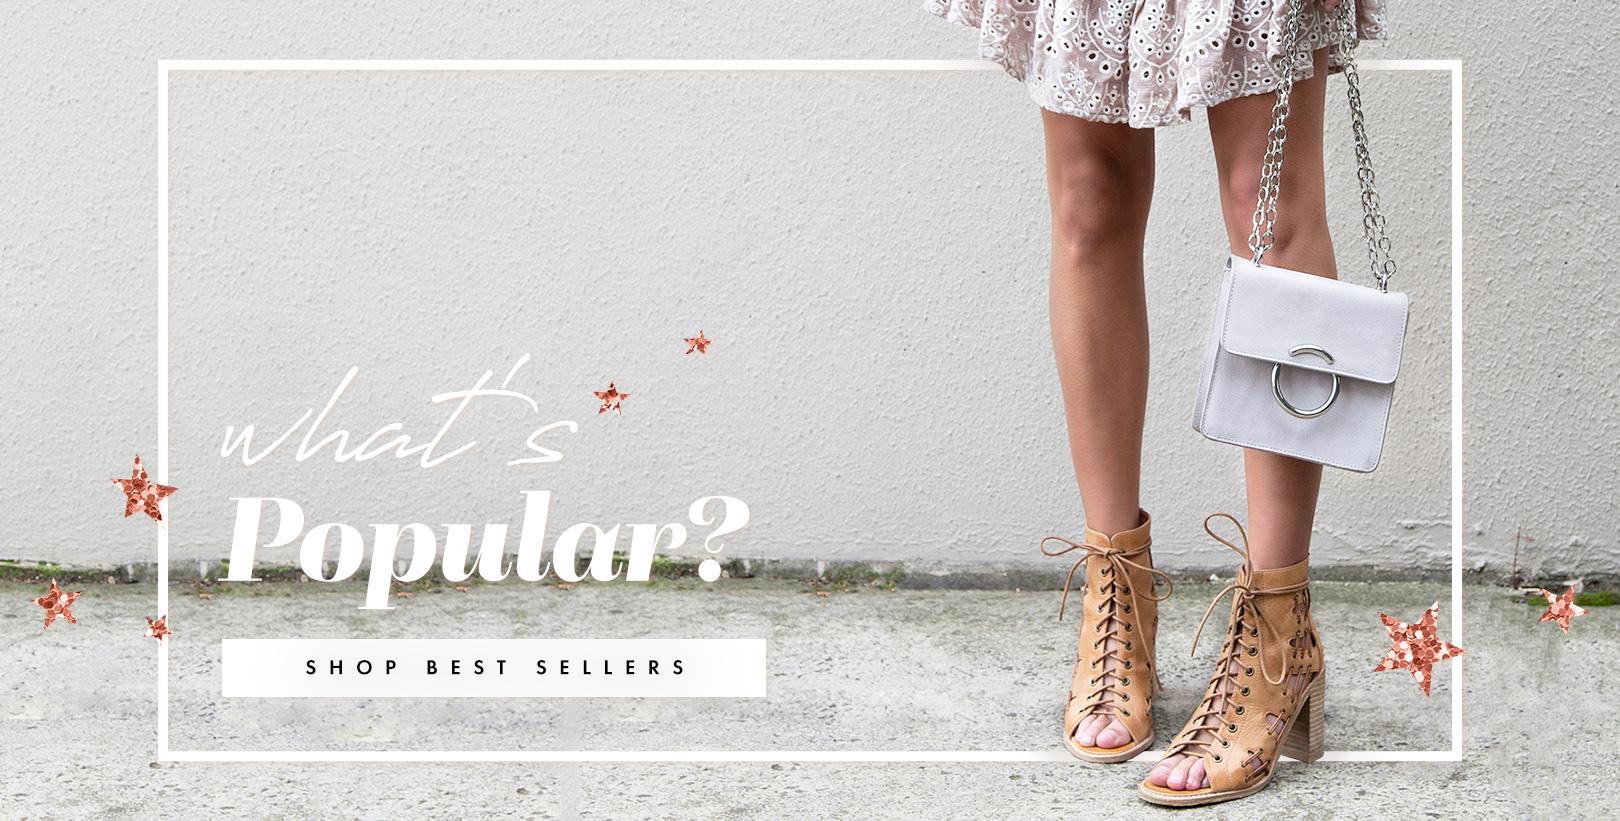 Mollini - Fashion Footwear